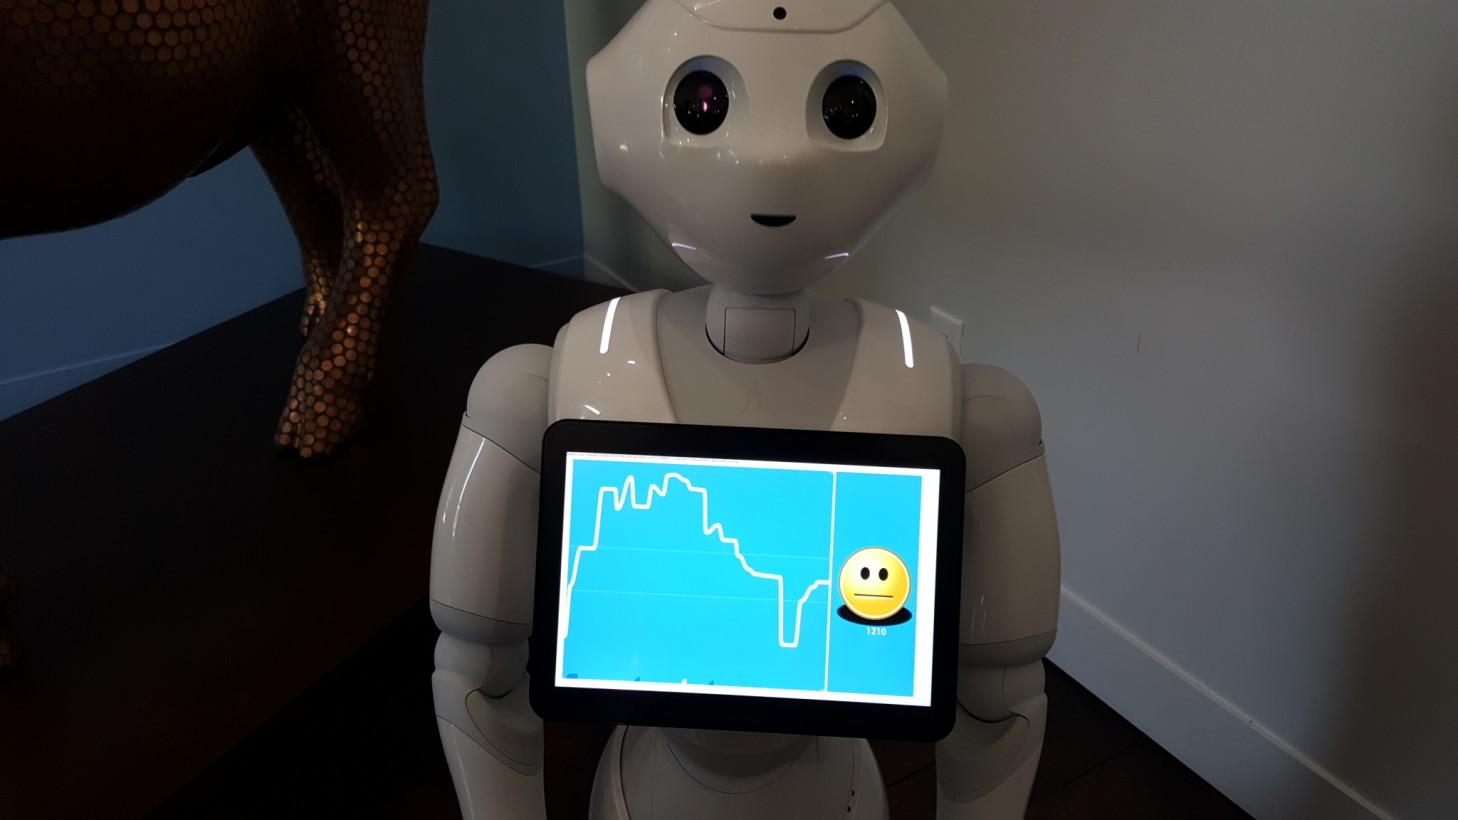 pepper robot emotion game